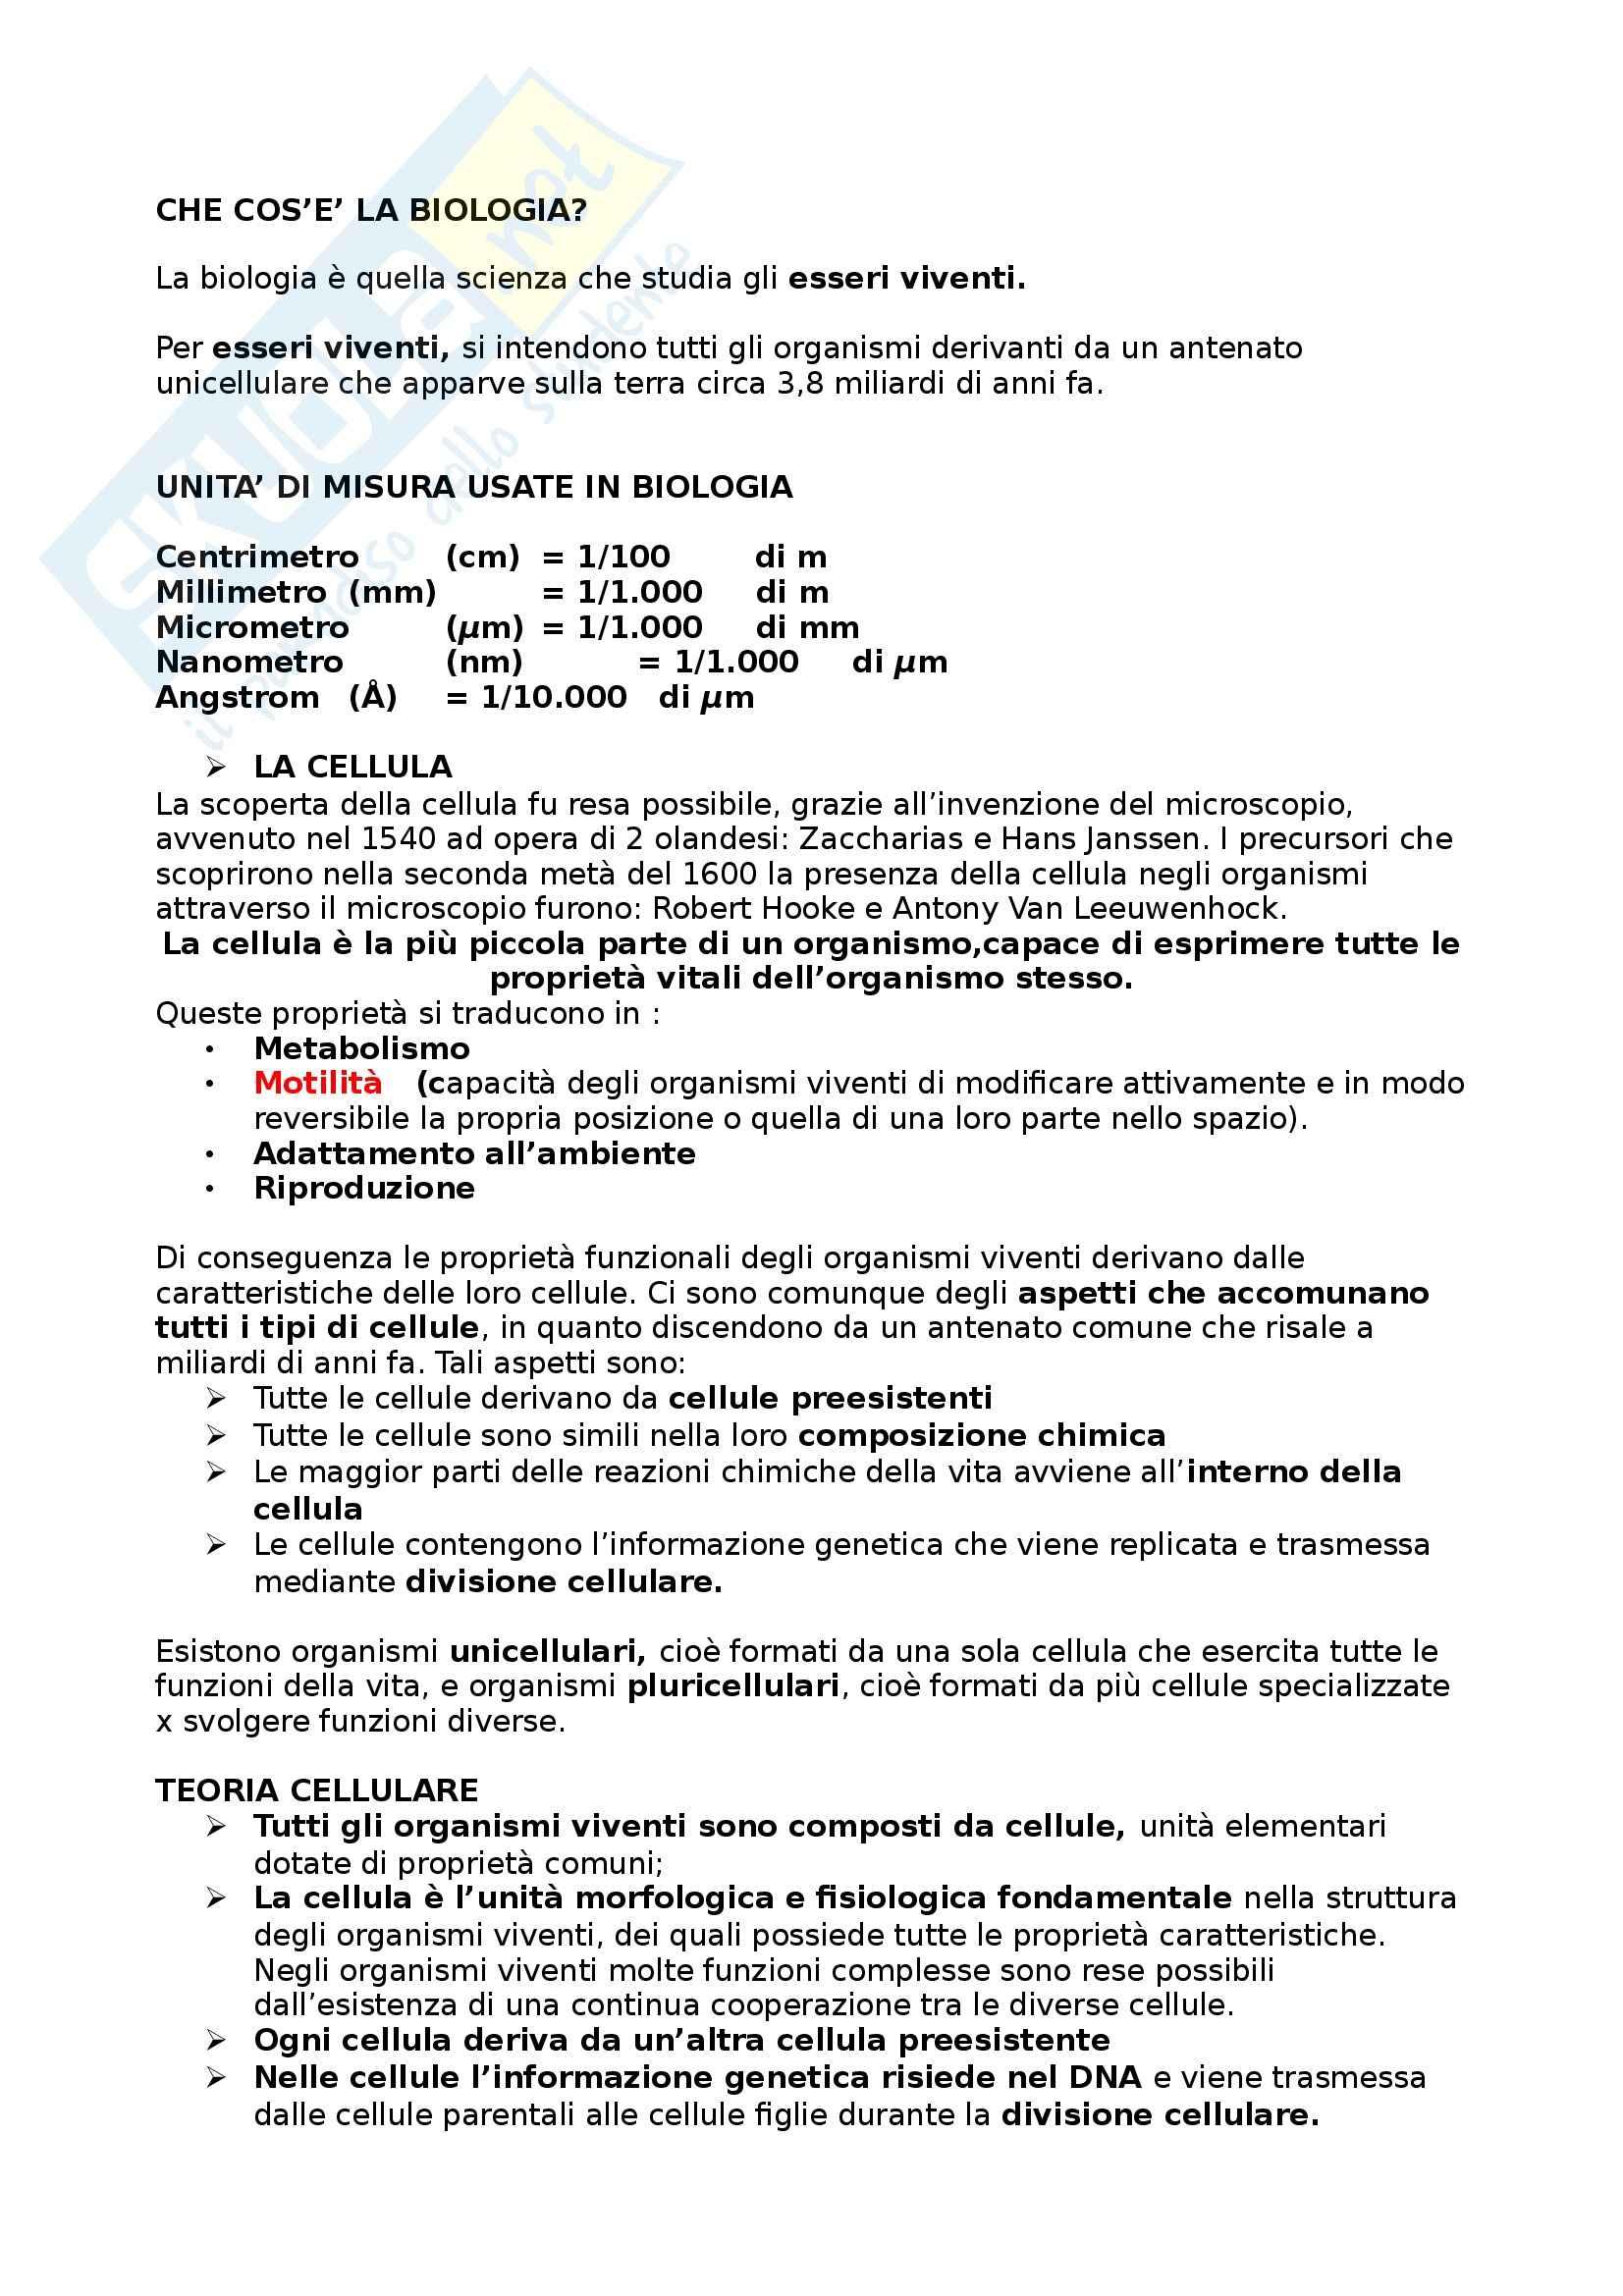 Riassunto esame Biologia umana, prof. Barbieri, libro consigliato La cellula, edizioni Zanichelli